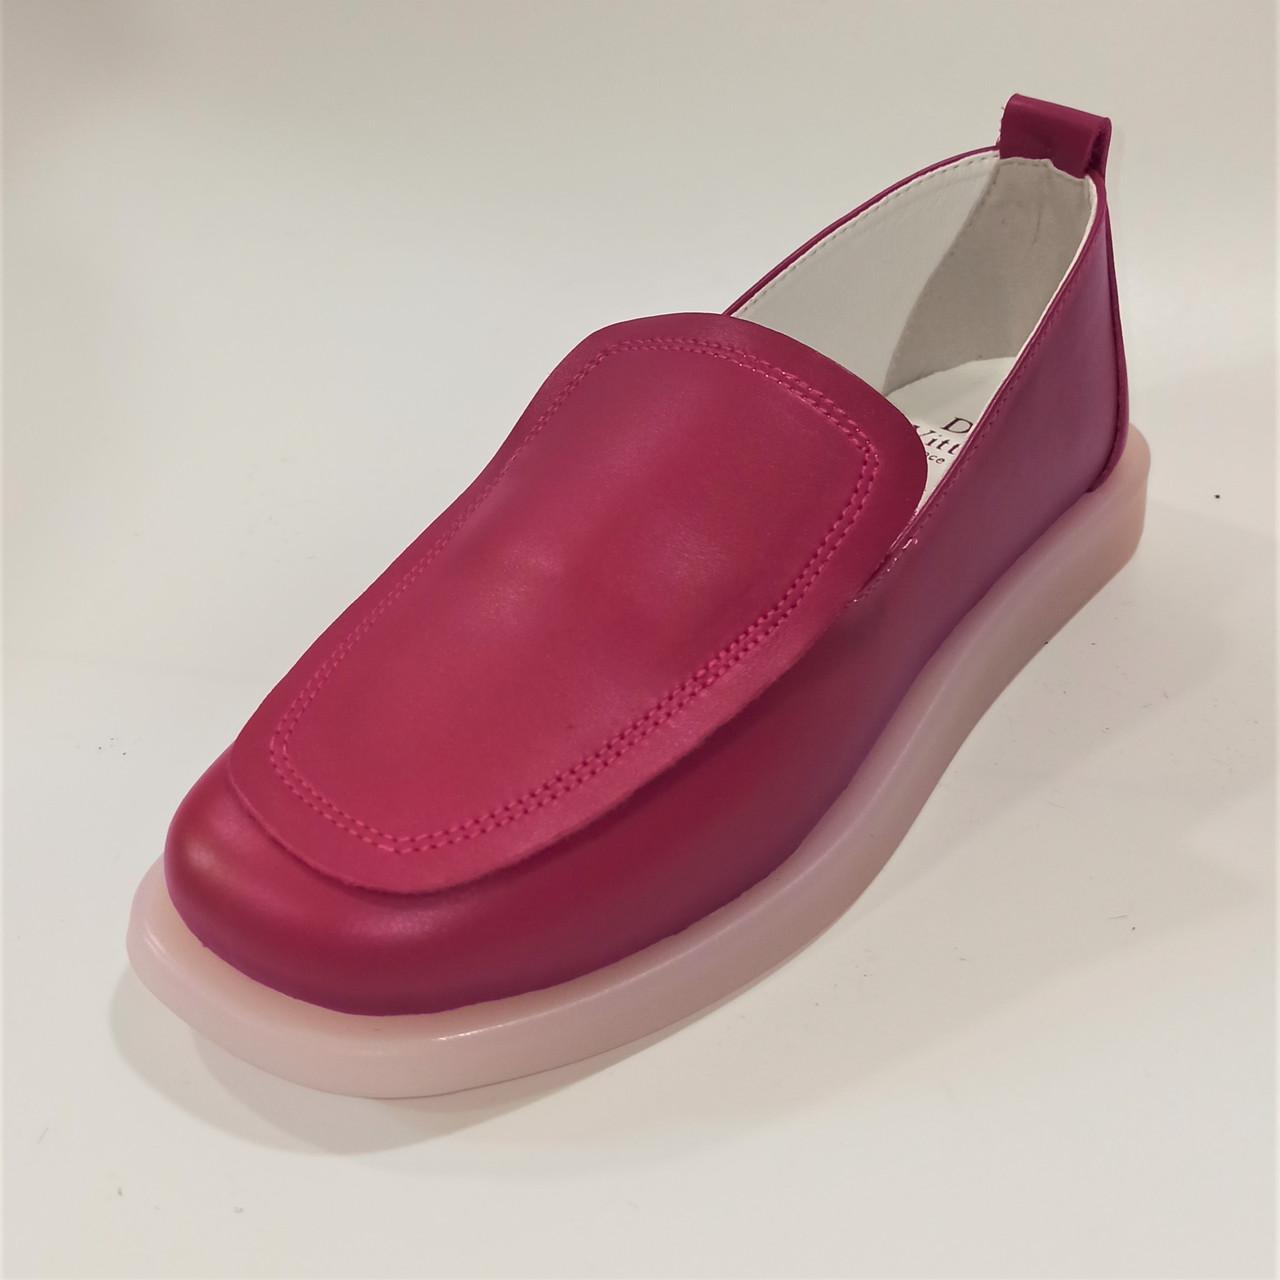 Стильні жіночі червоні туфлі, Dino Vittorio  розмір 36 37 38 39 40